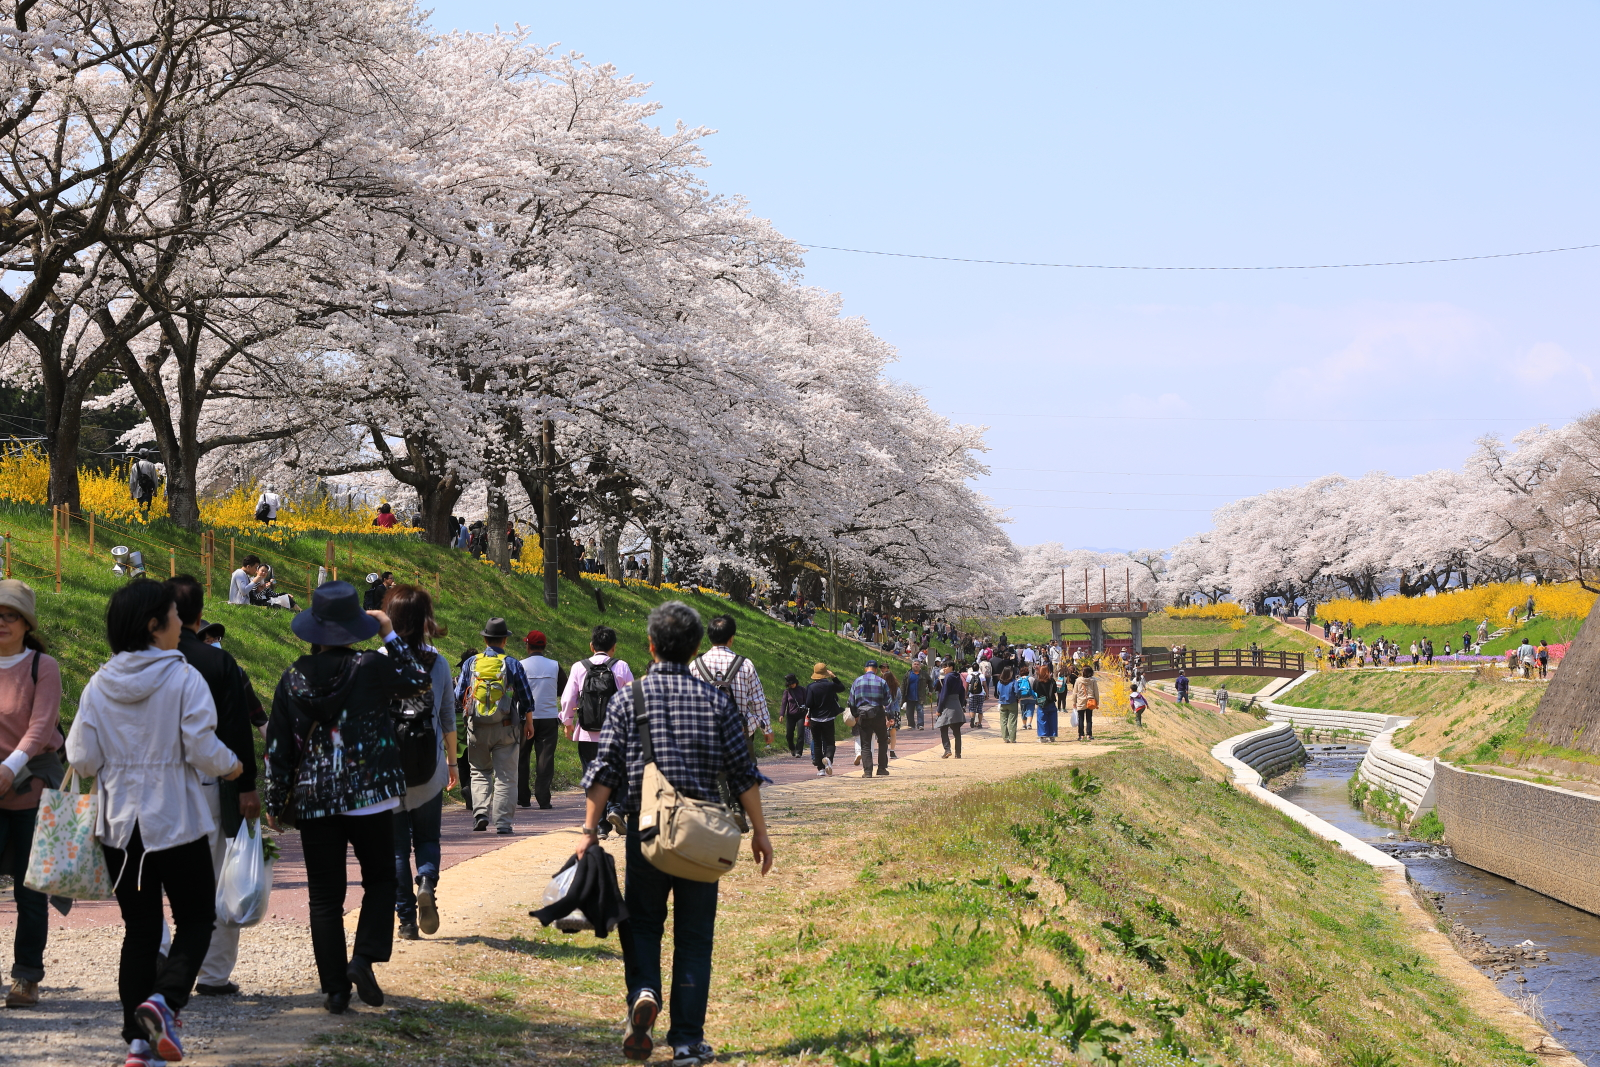 白石川堤一目千本桜 遊歩道